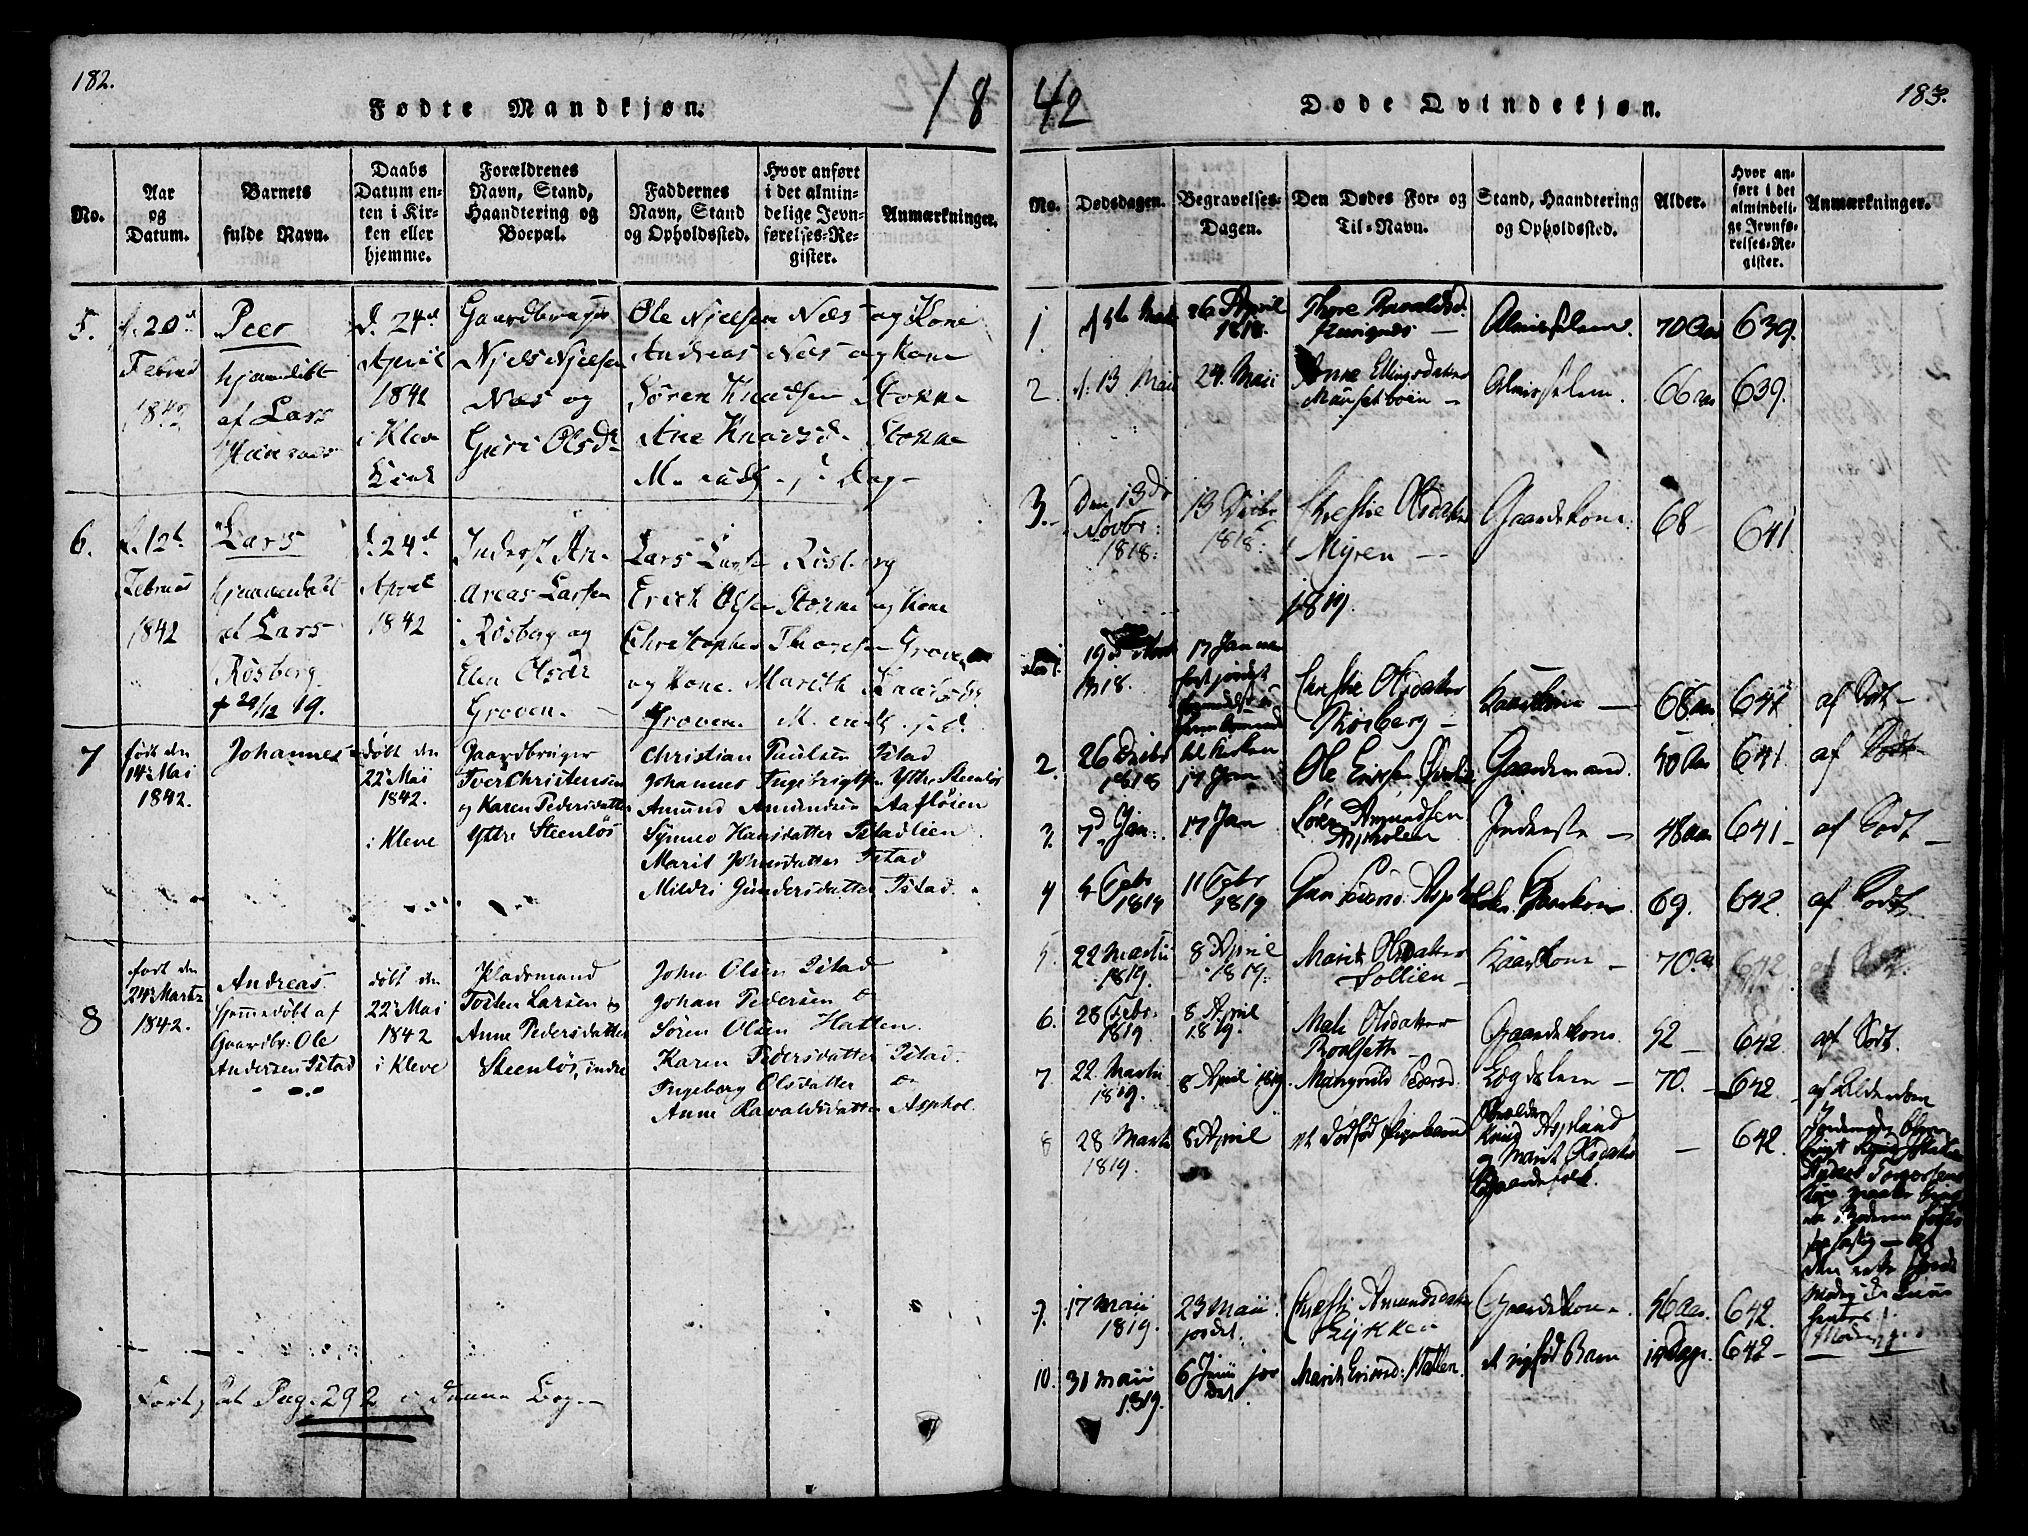 SAT, Ministerialprotokoller, klokkerbøker og fødselsregistre - Møre og Romsdal, 557/L0679: Ministerialbok nr. 557A01, 1818-1843, s. 182-183